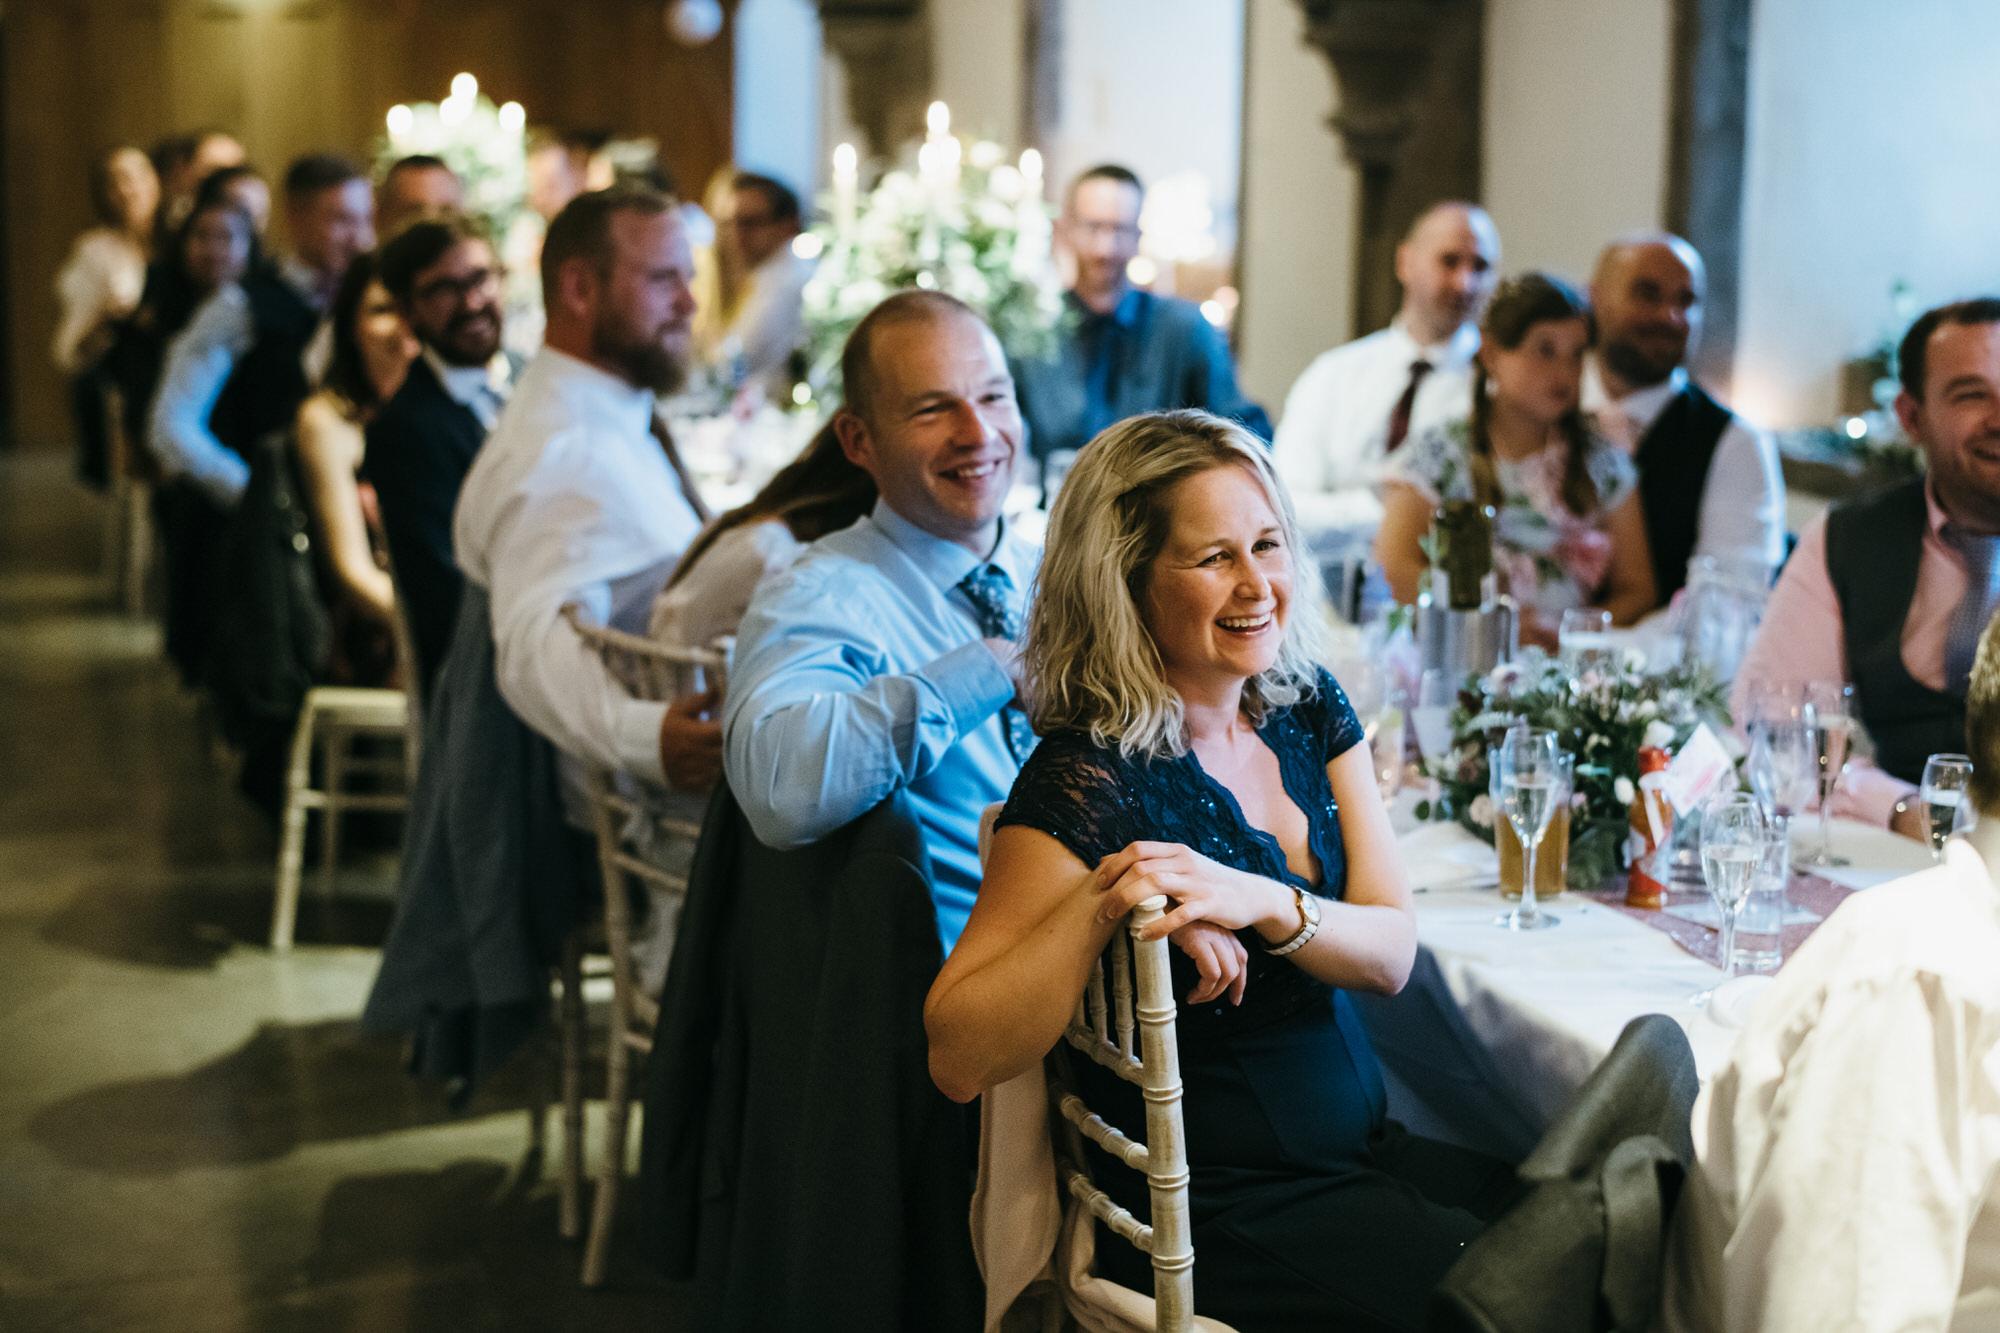 Wedding guests at Bishops Palace